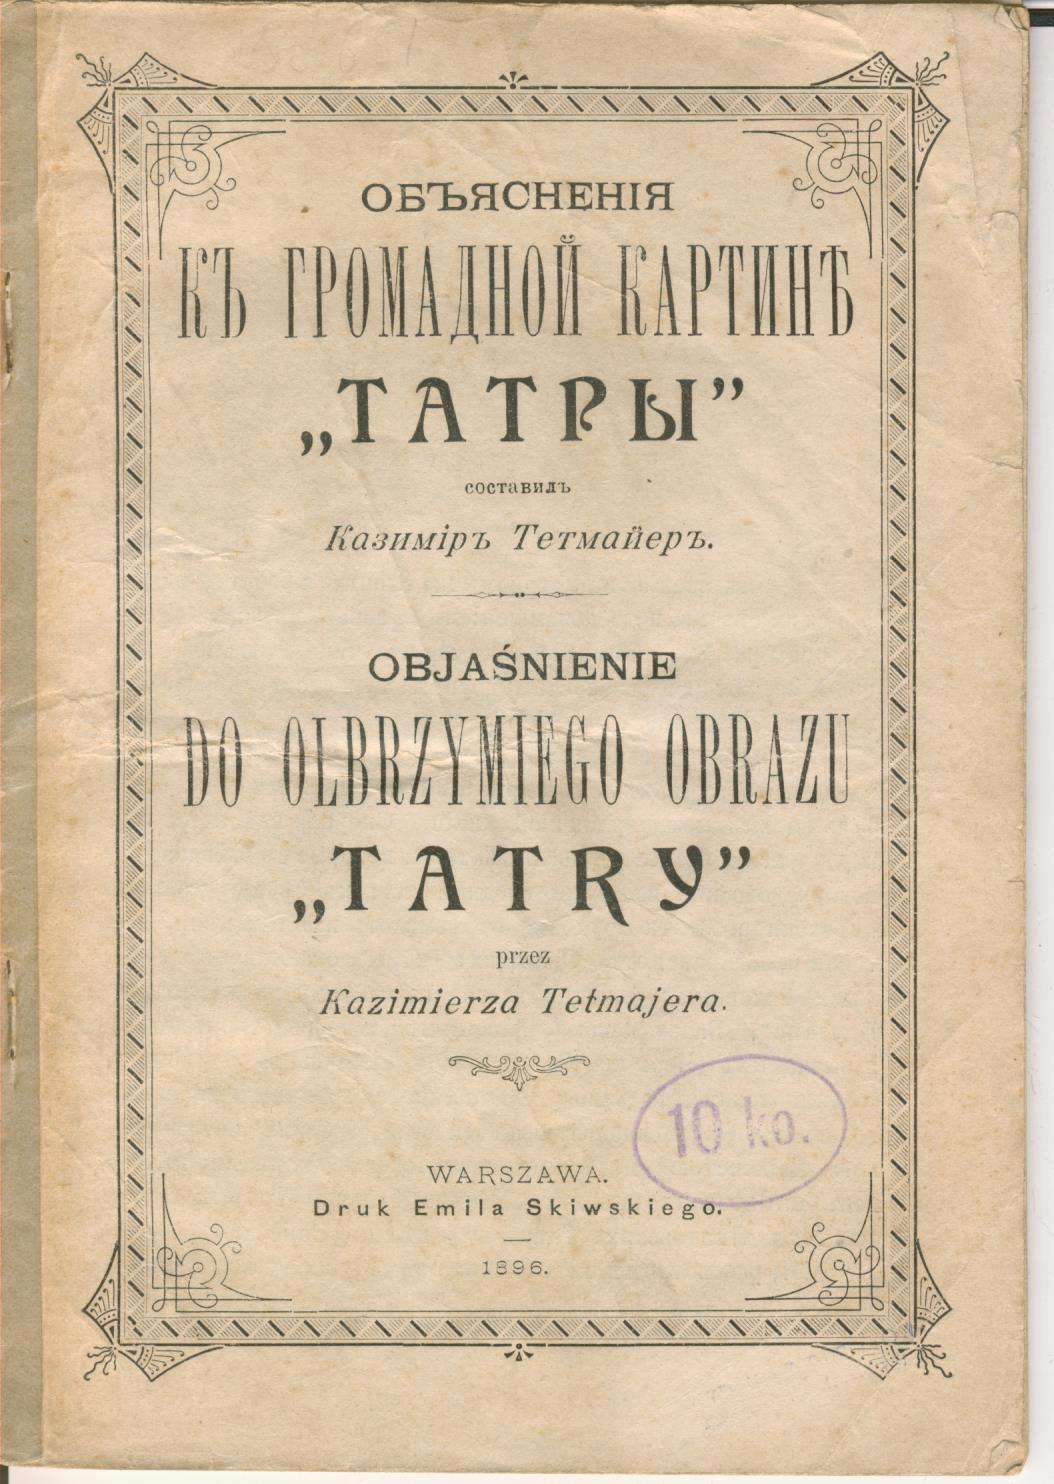 Kazimierz Tetmajer - Panorama Tatr, obraz, 1896 r.